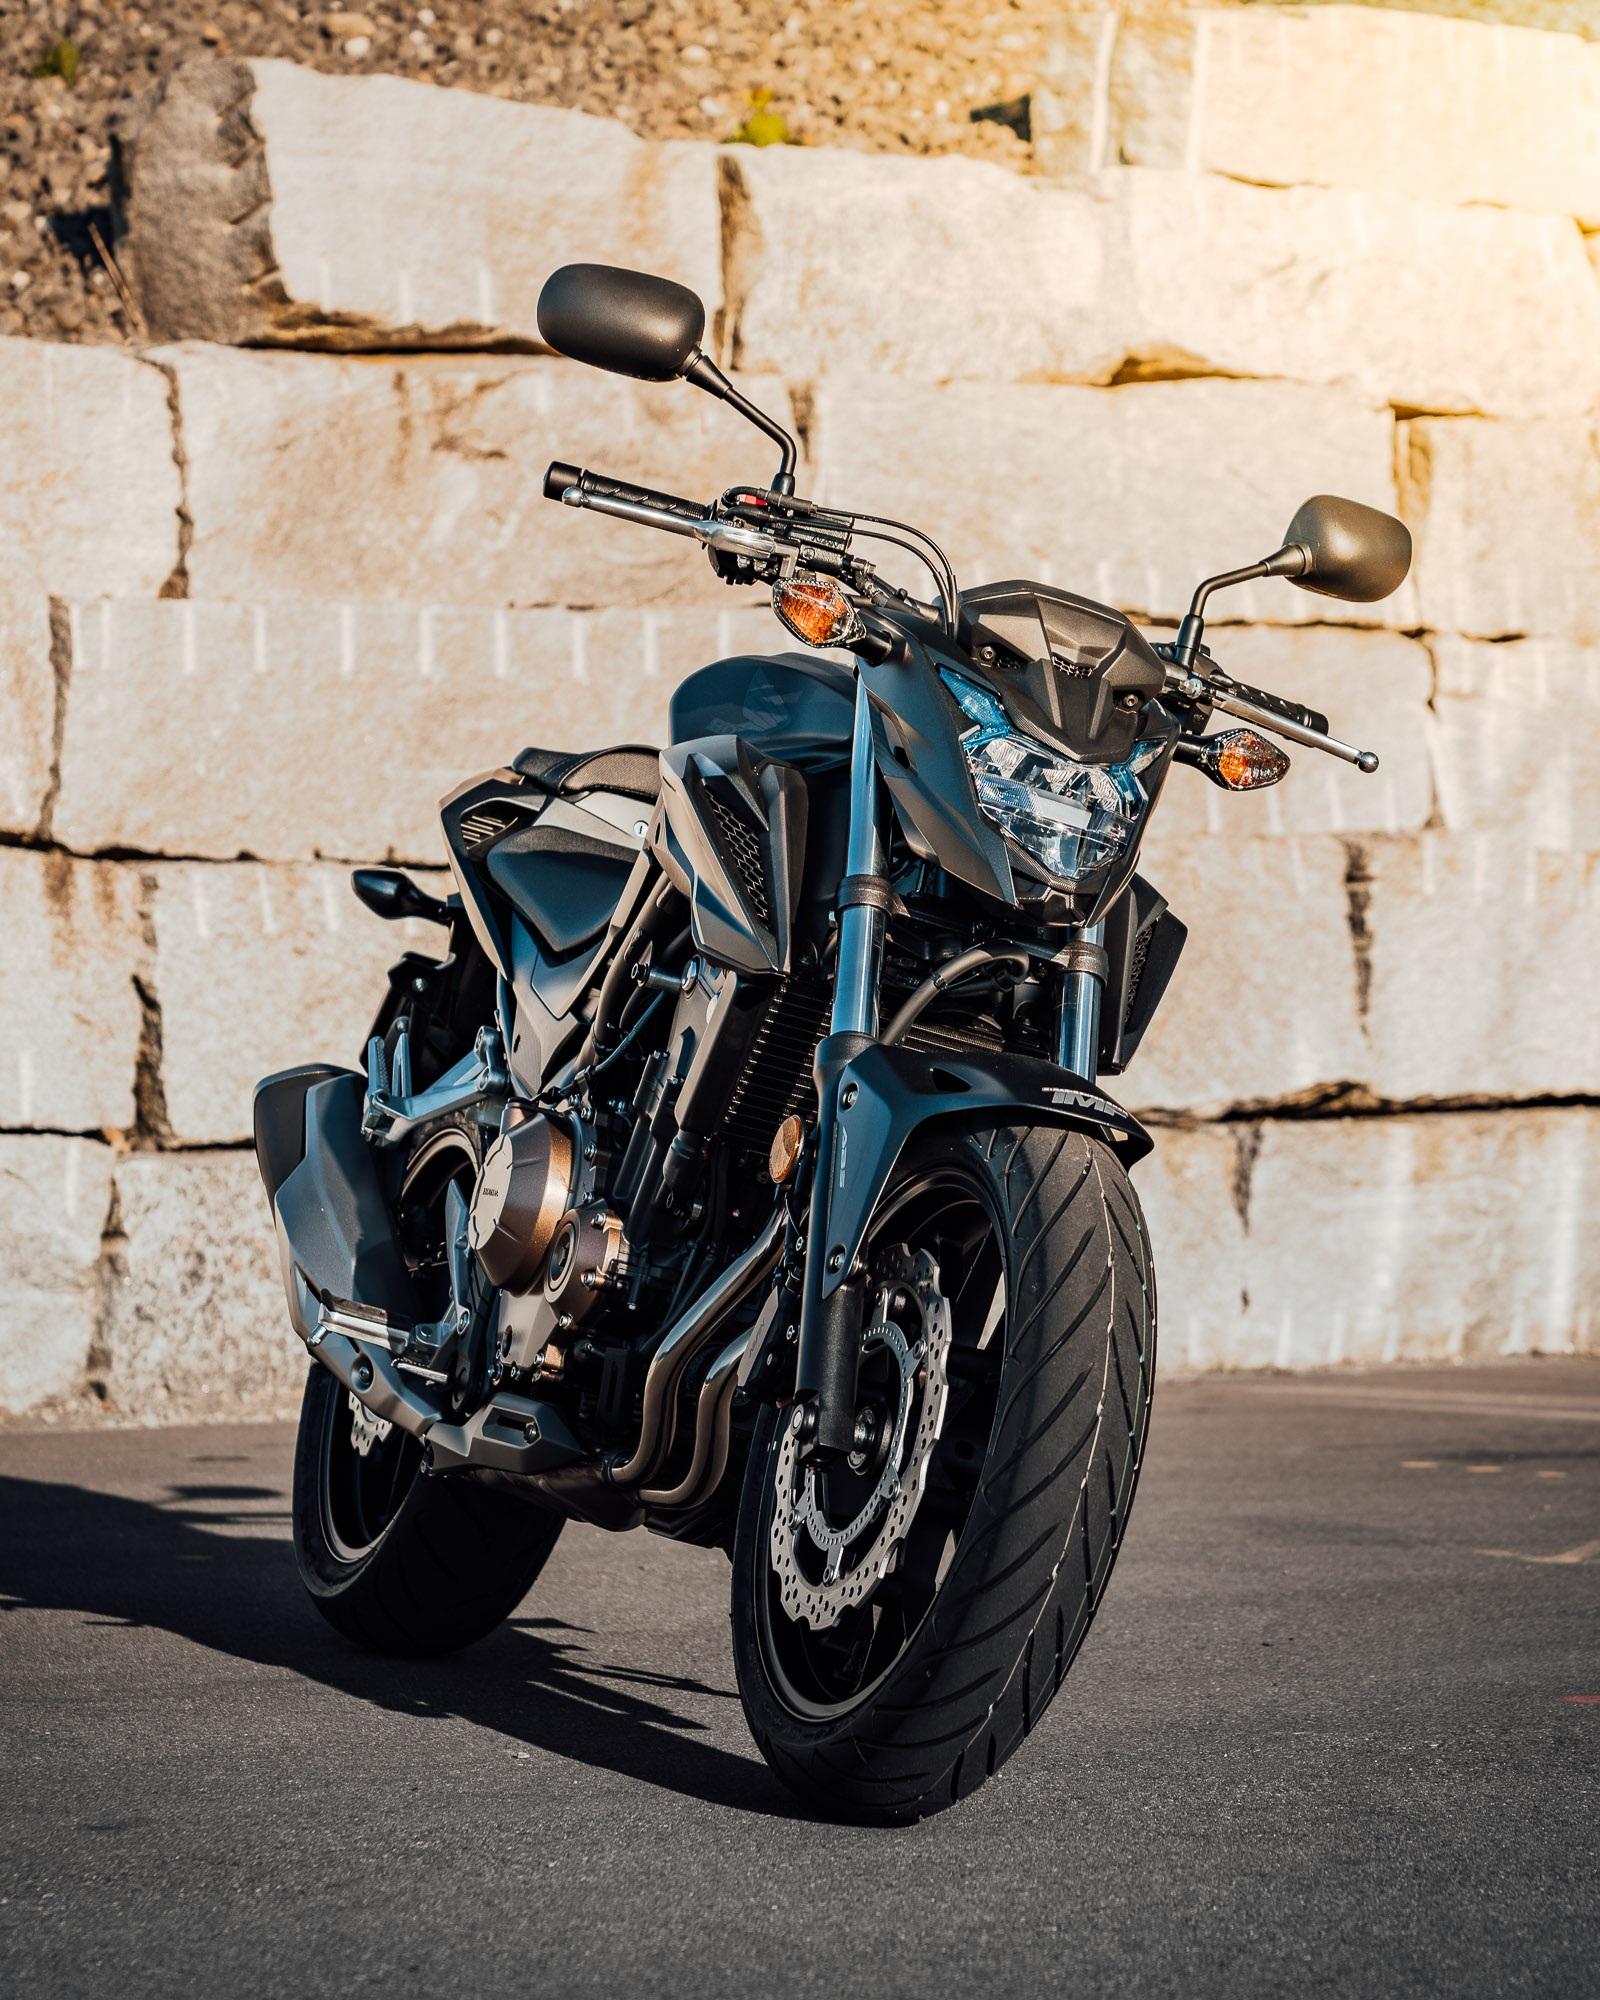 Honda CB500 F - KategorieA (offen) & A beschränkt